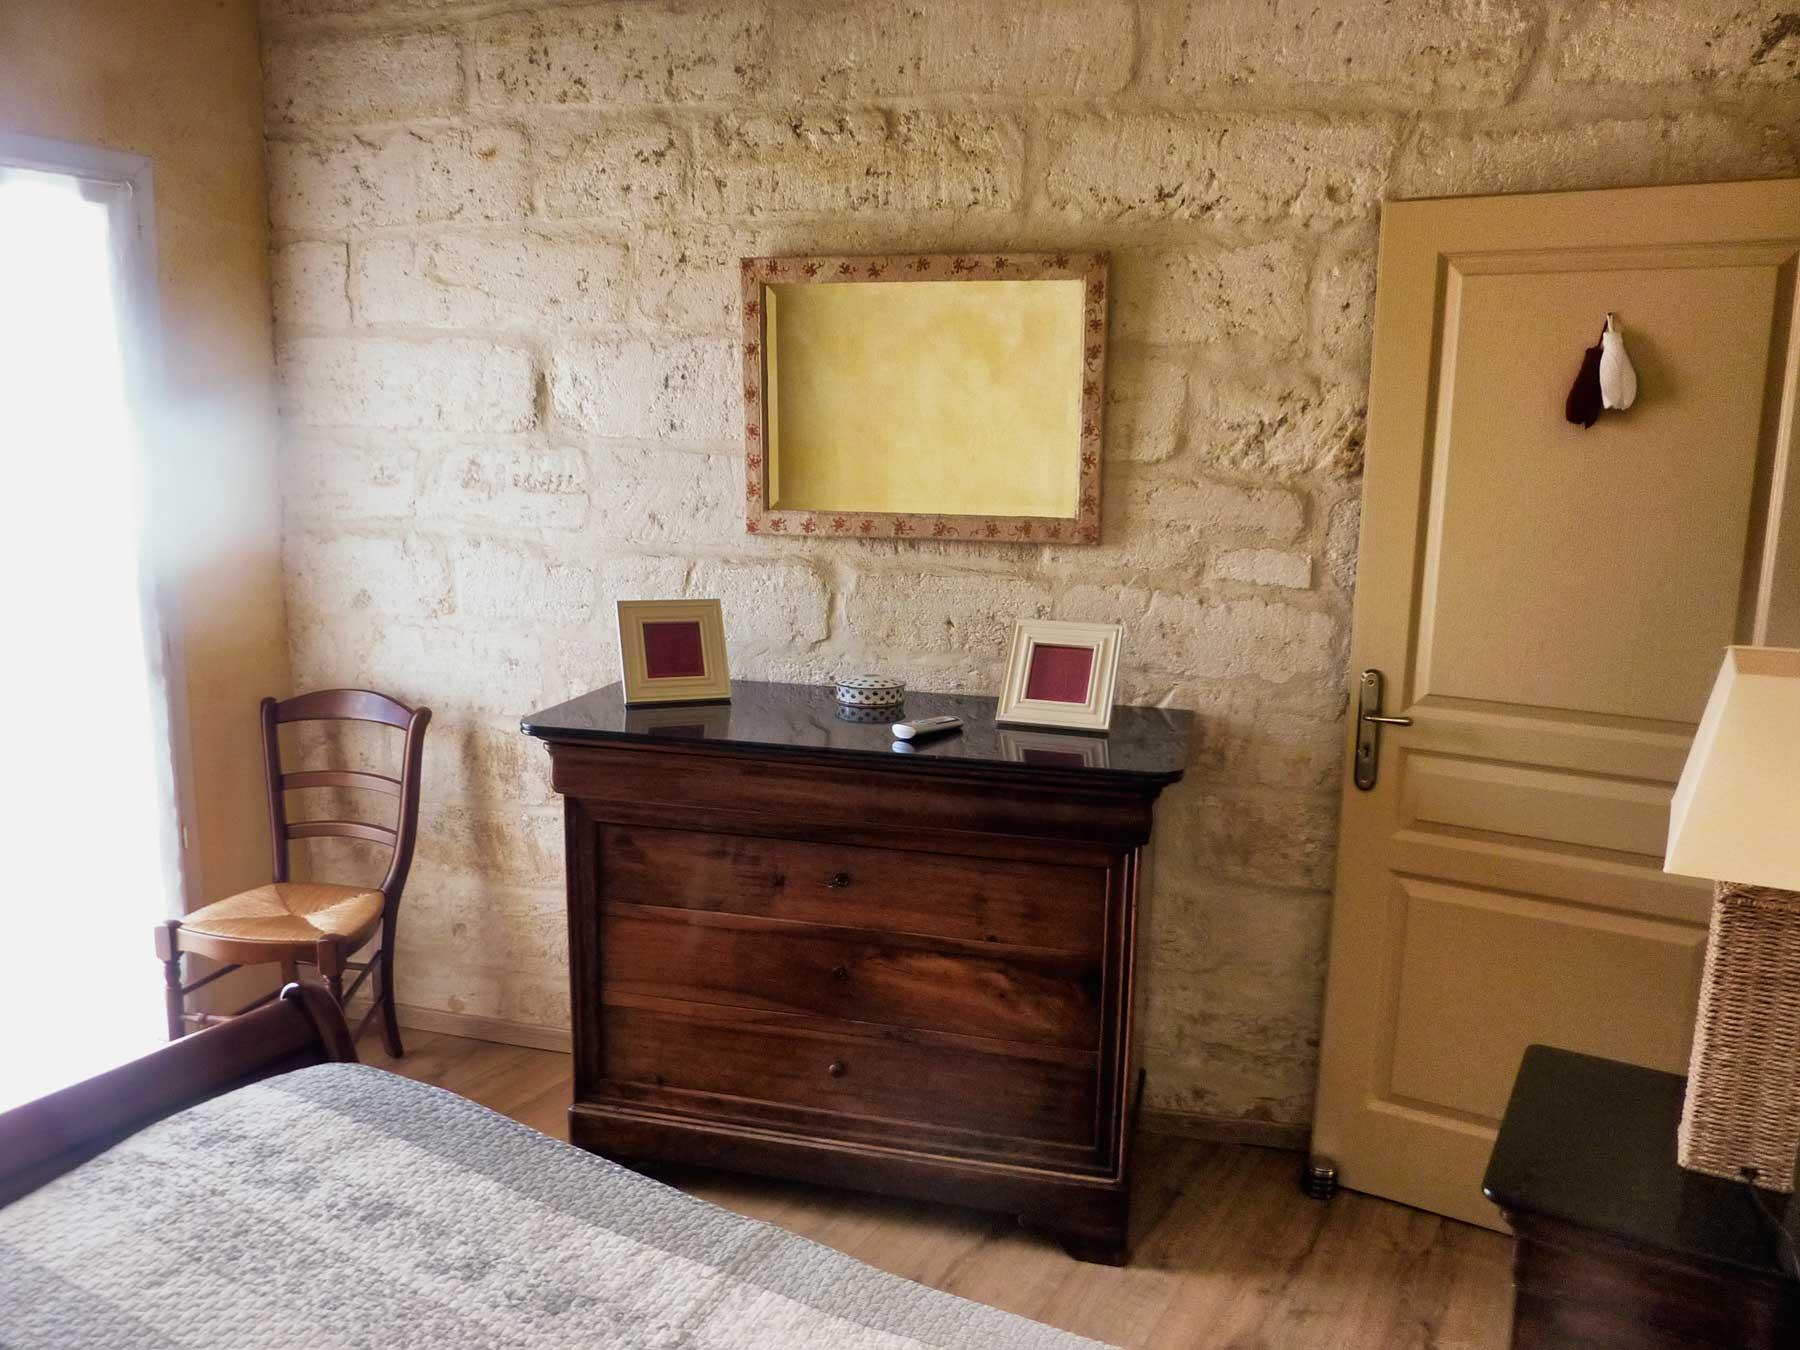 Idee deco salle de bain gris et vert: meubles pour une petite ...